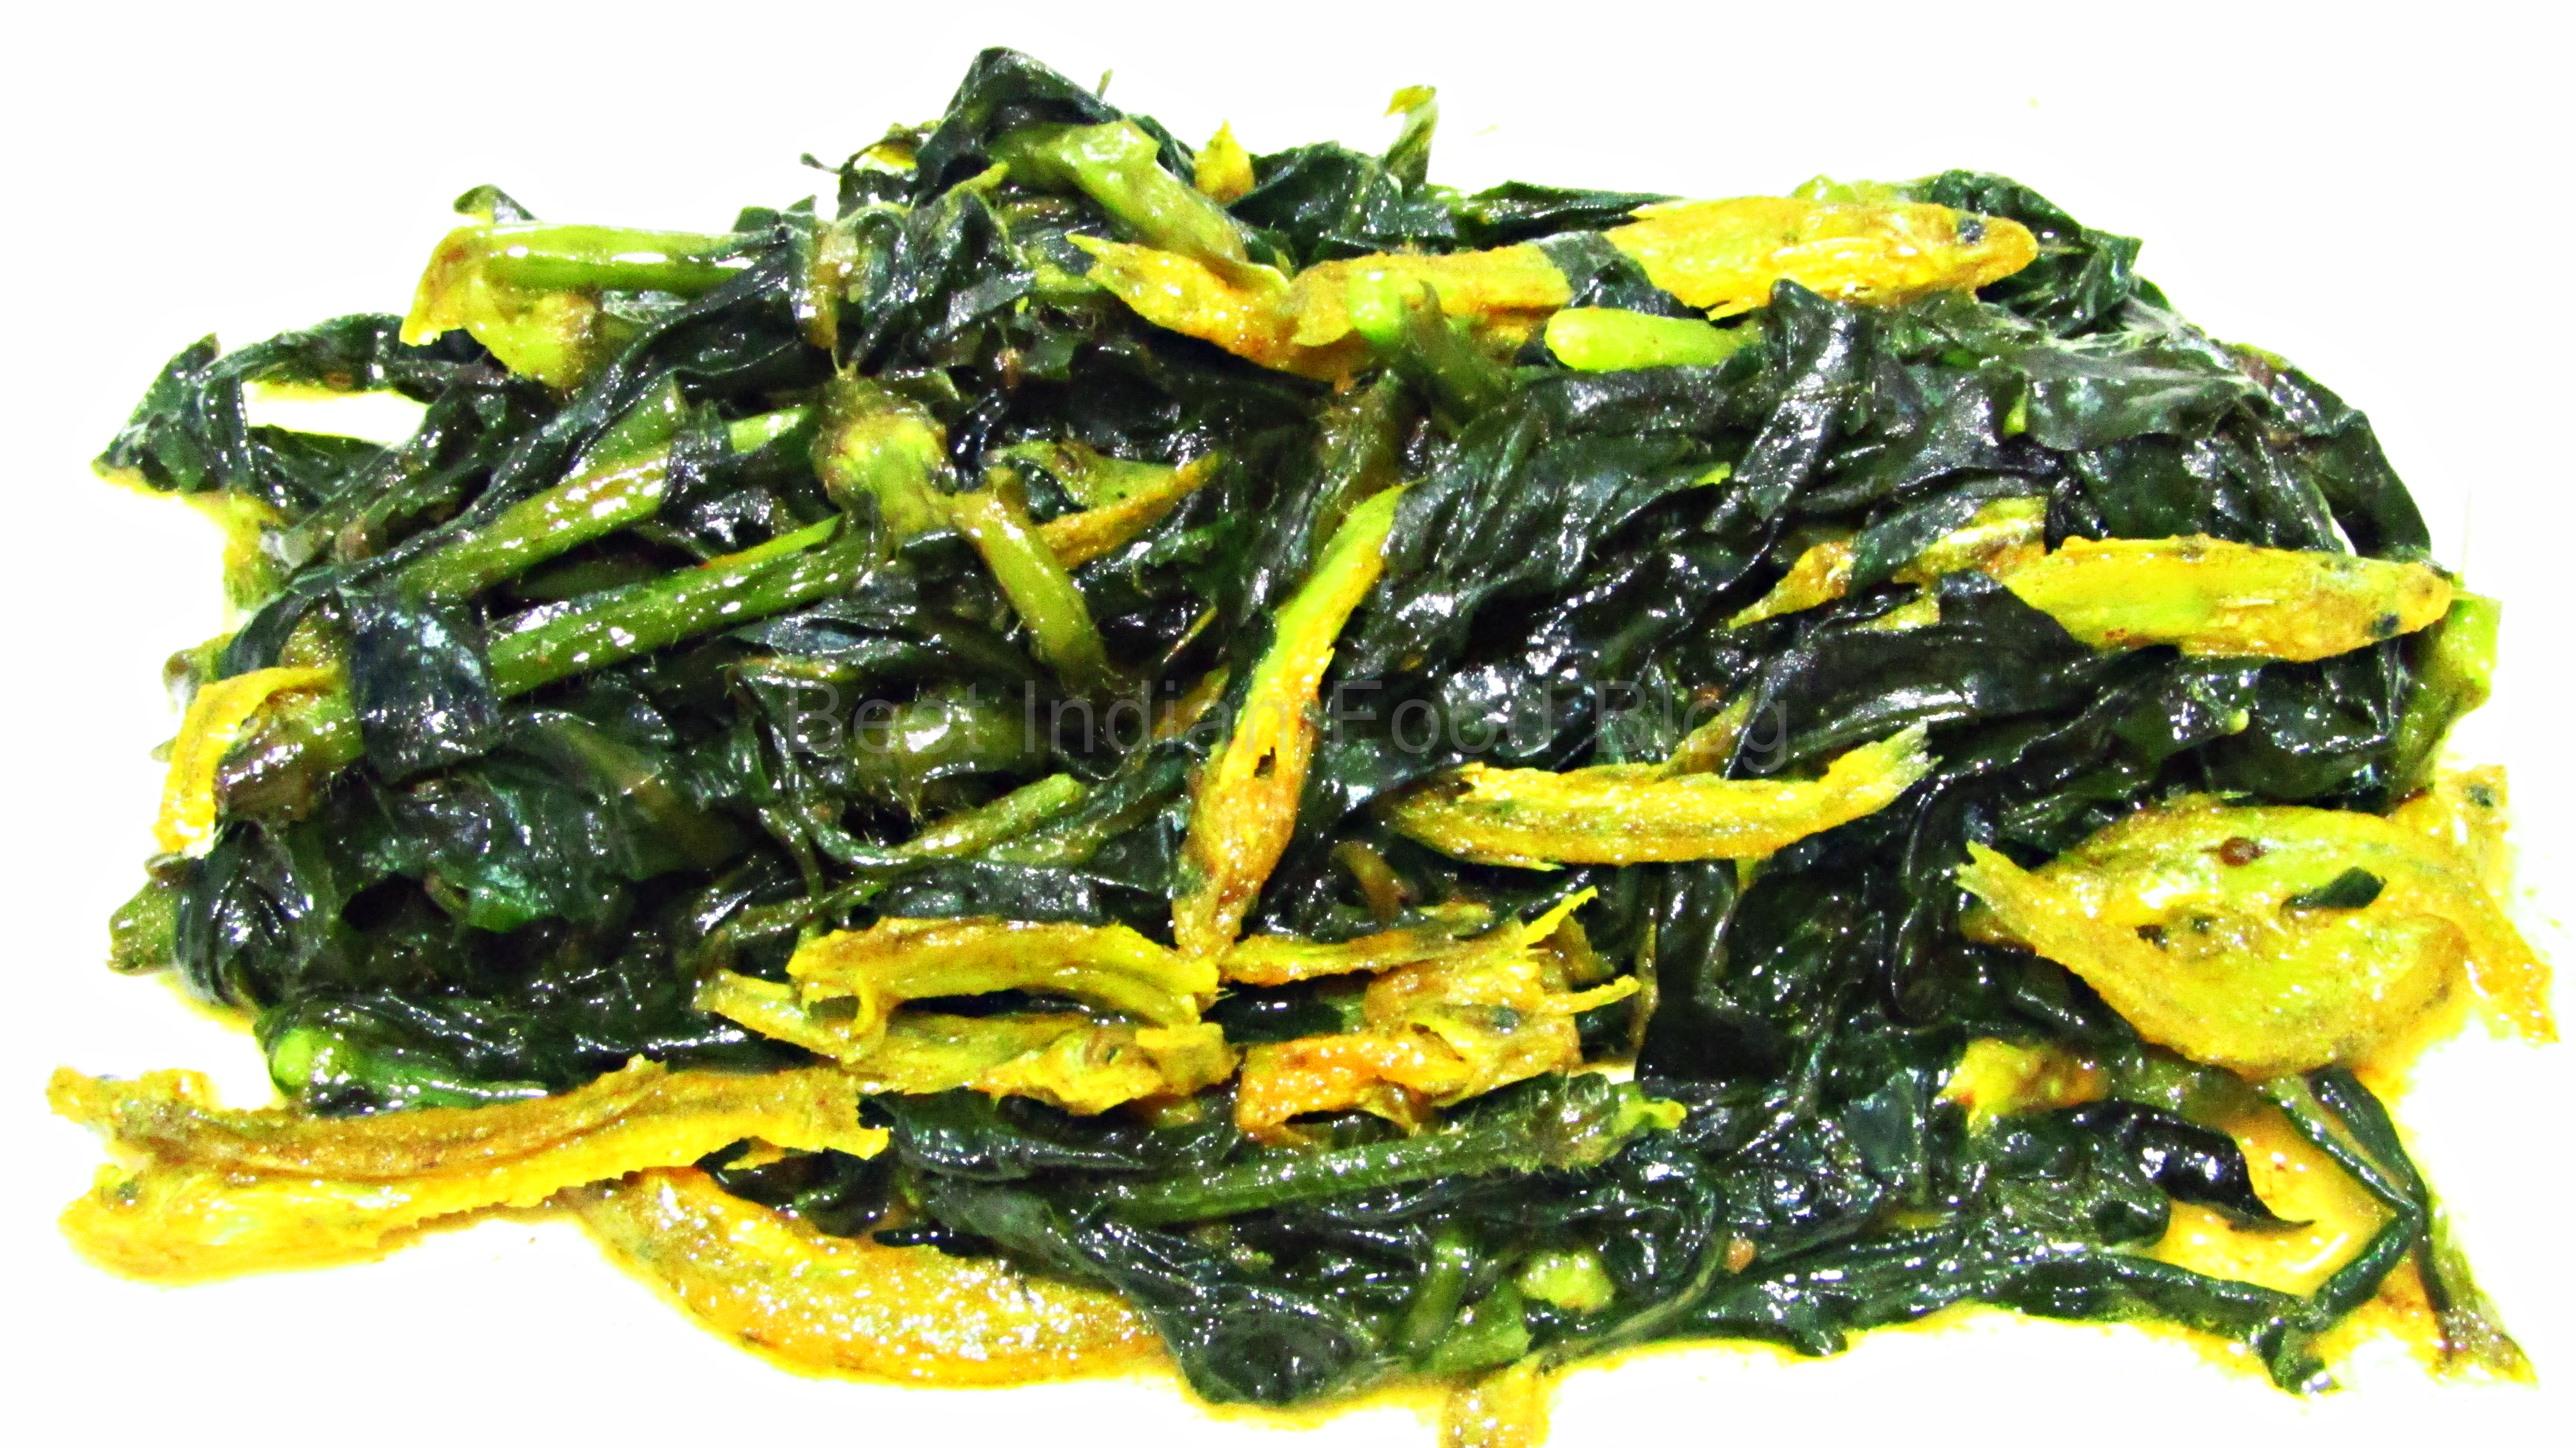 Batashi Kulekhara from West Bengal, India | Best Indian Food Blog | Indian Swampweed Batashi Fish recipe